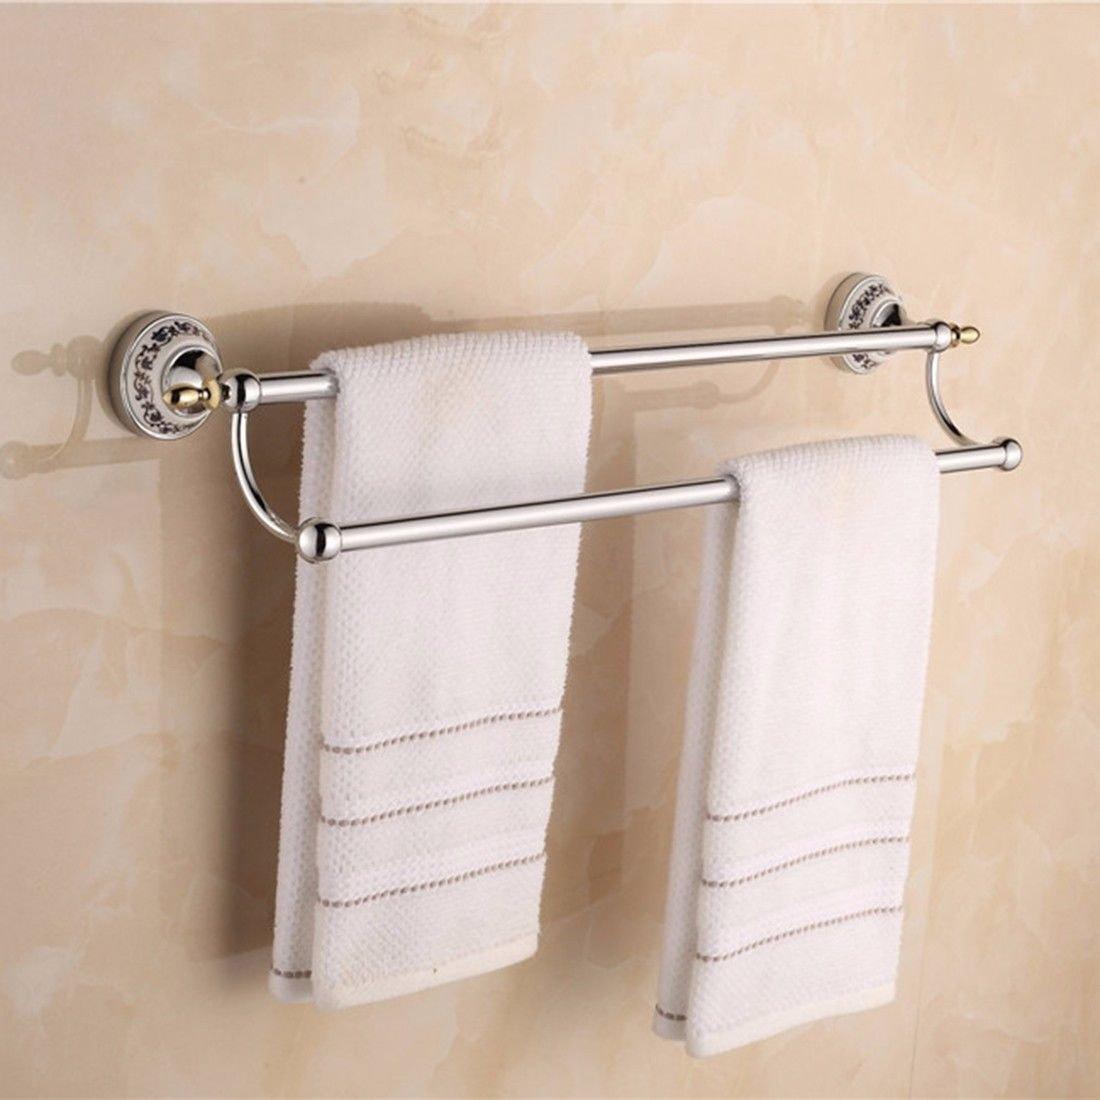 Airobin Zeitgenossische Chrom Uberzogene Blaue Und Weisse Porzellan Aktivitaten Handtuchhalter Wand Badezimmer Zubehor